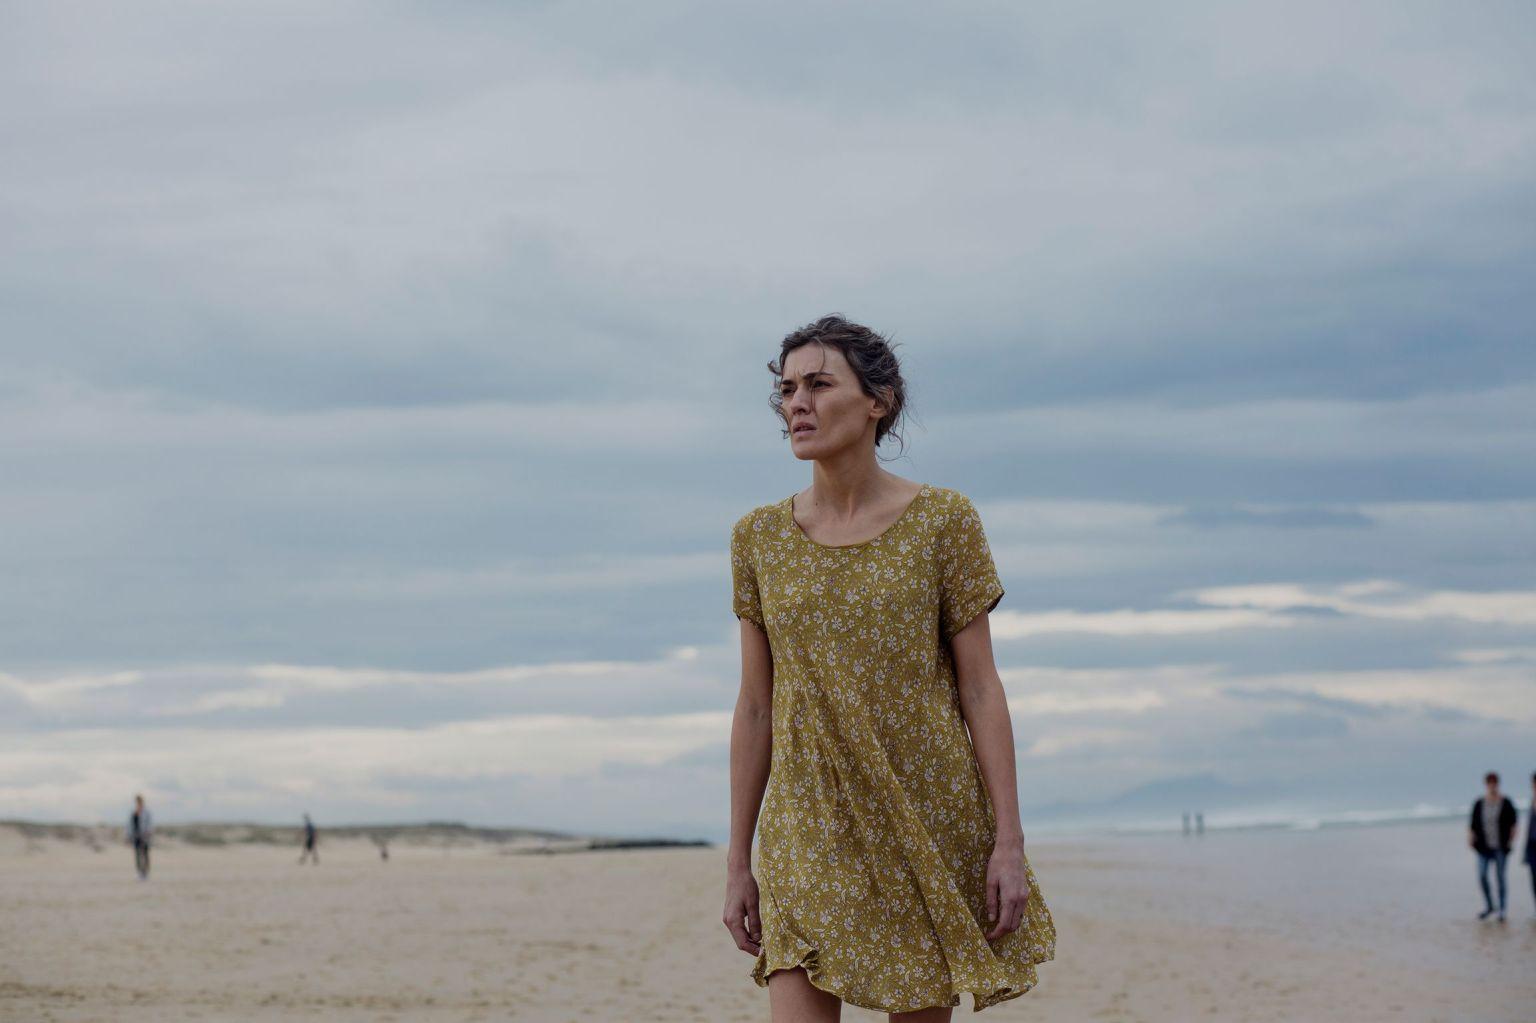 Luces de la ciudad: El cine español ahora + muestra a los cineastas españoles